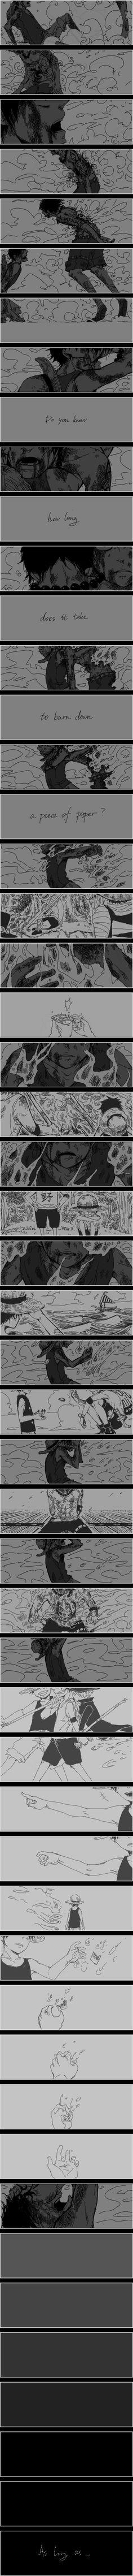 """Portgas D. Ace - Luffy. Atroce. J'ai tellement pleuré que j'ai bien failli arrêter la série... C'est vraiment injuste. Tant de mort pour """"rien""""."""